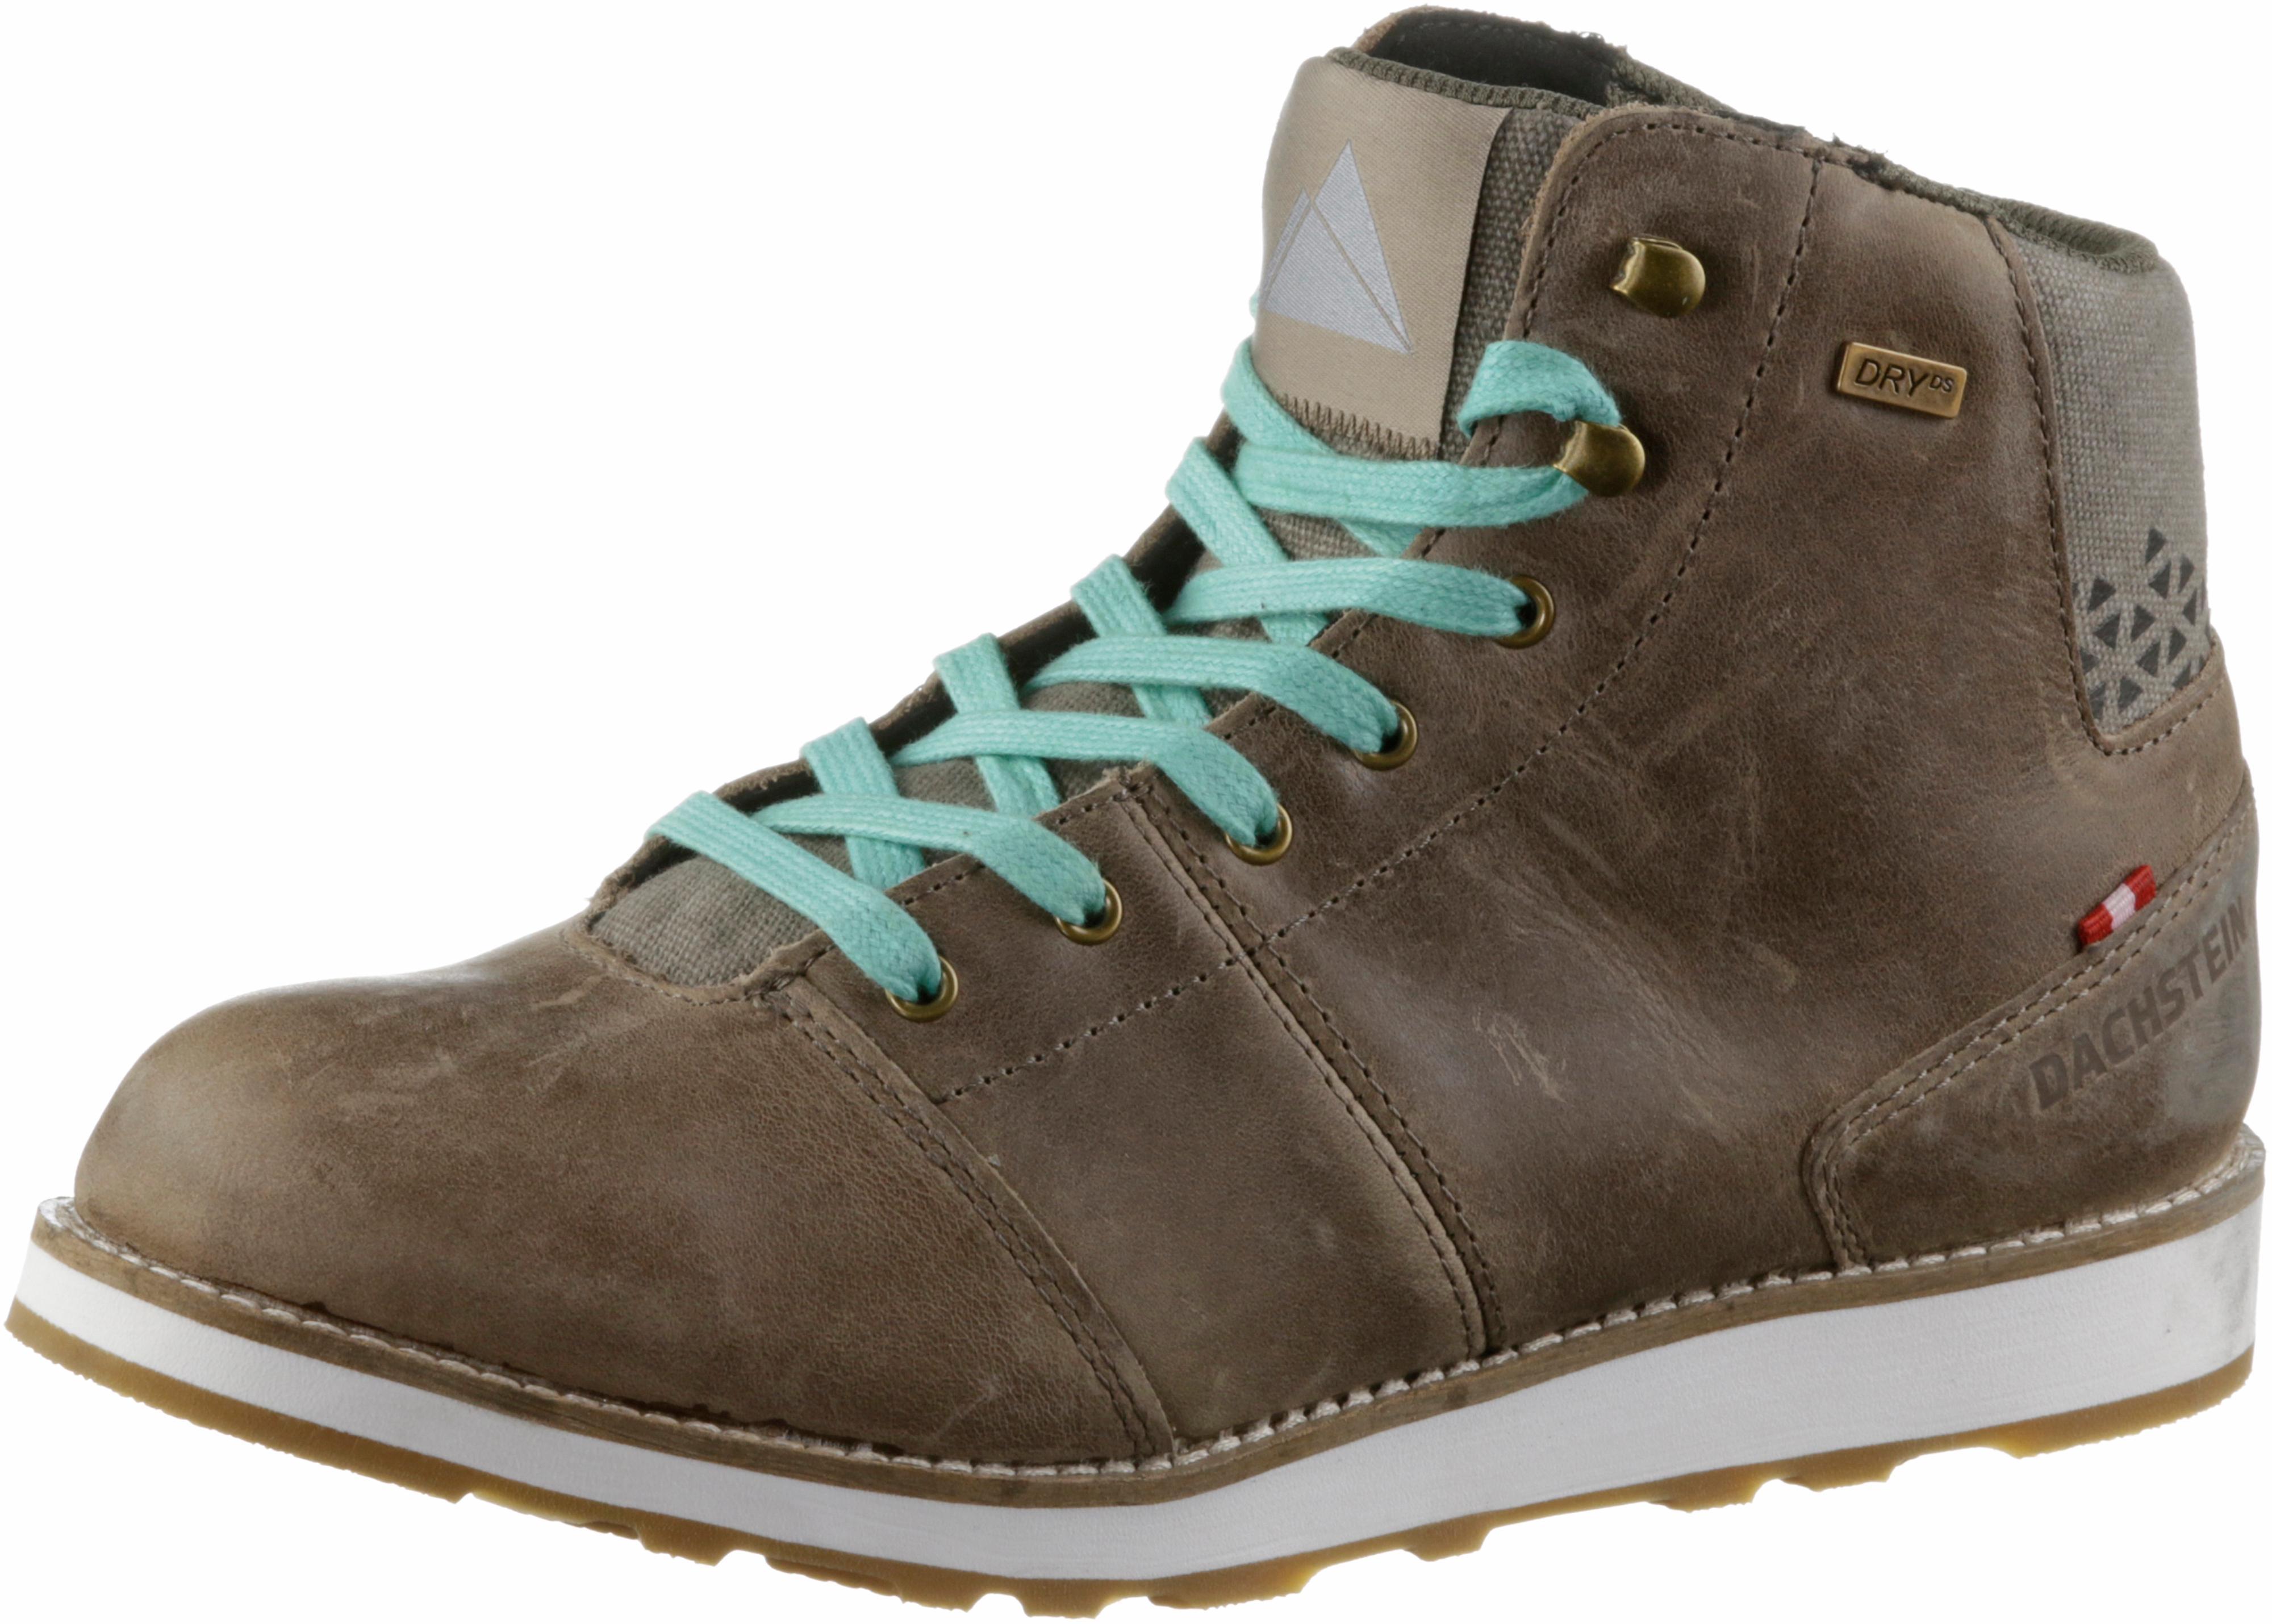 Dachstein Julie DDS Winterschuhe Damen brandy im Online Shop von von von SportScheck kaufen Gute Qualität beliebte Schuhe aaa433